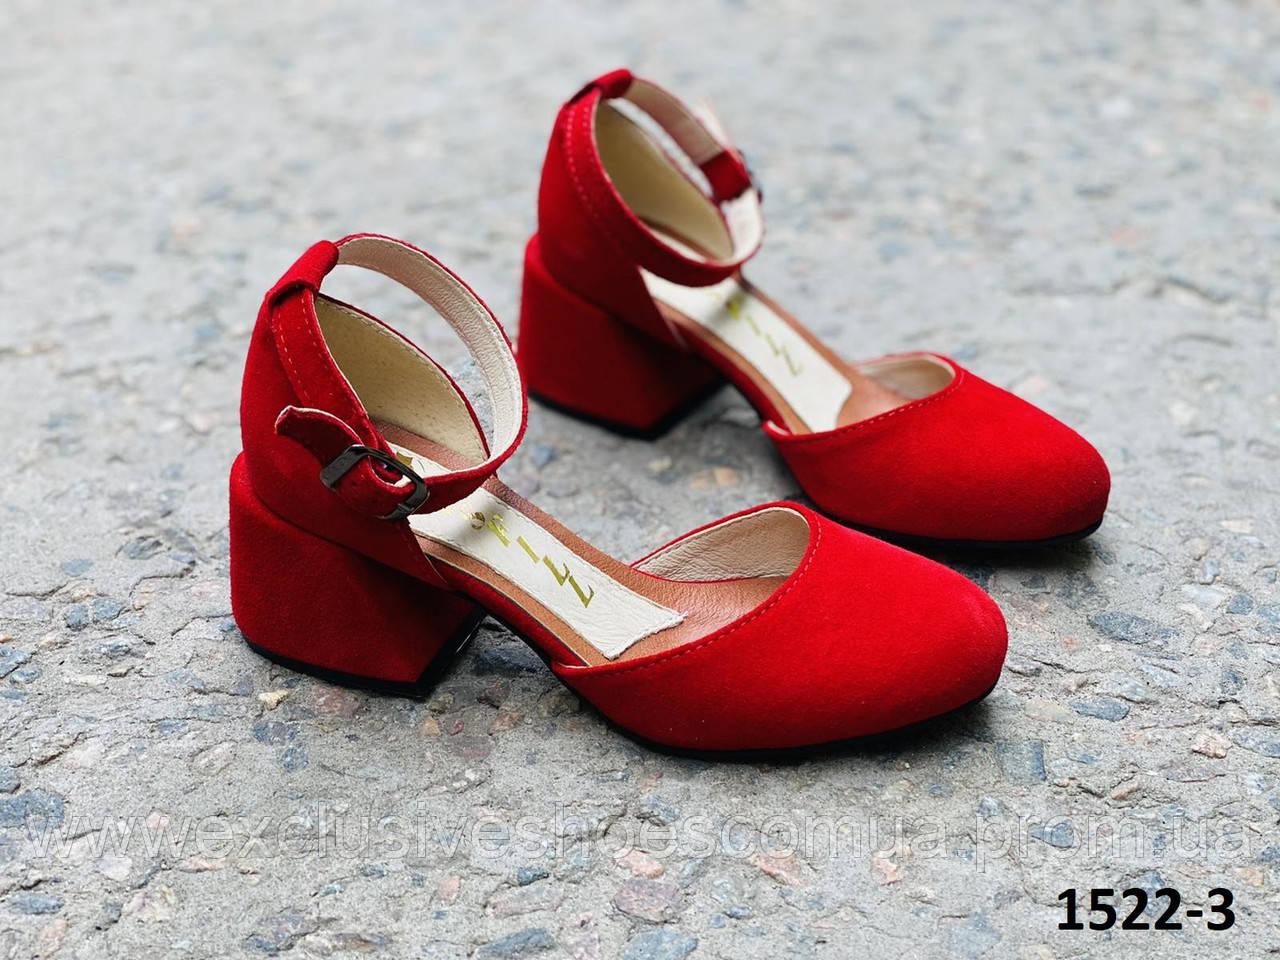 Туфли женские замшевые красные на каблуке